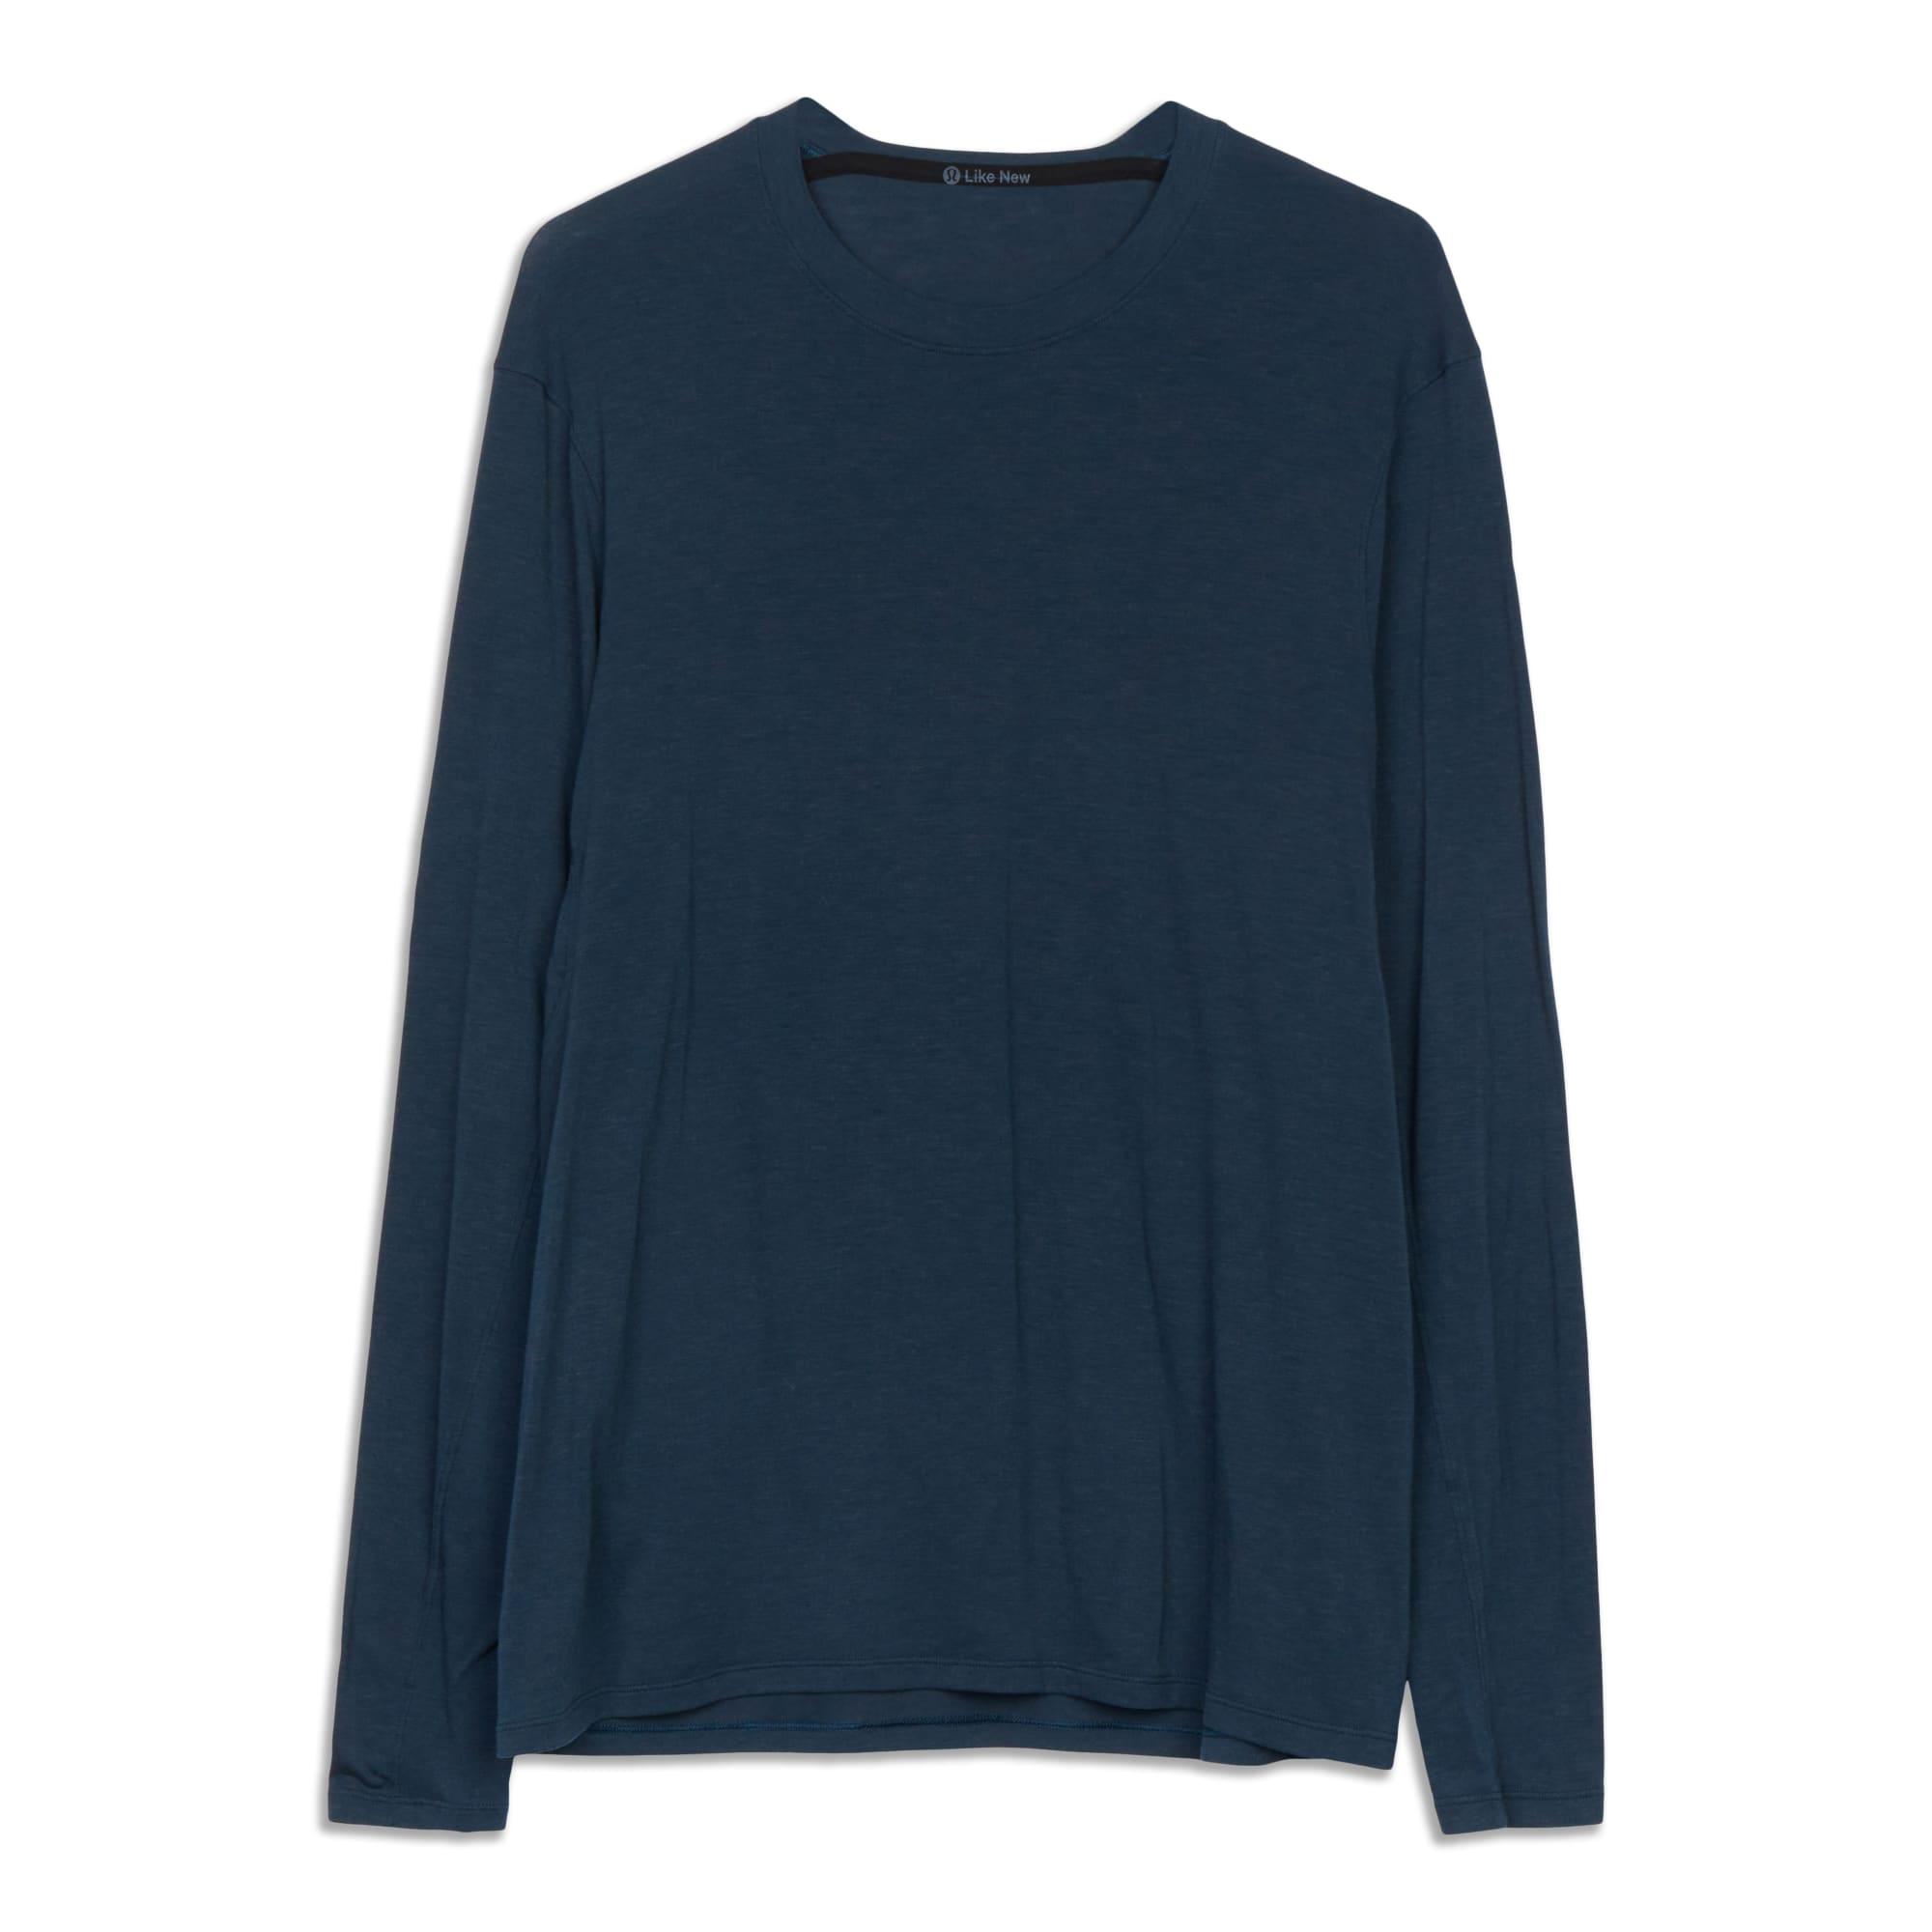 Main product image: 5 Year Basic Long Sleeve Shirt - Resale